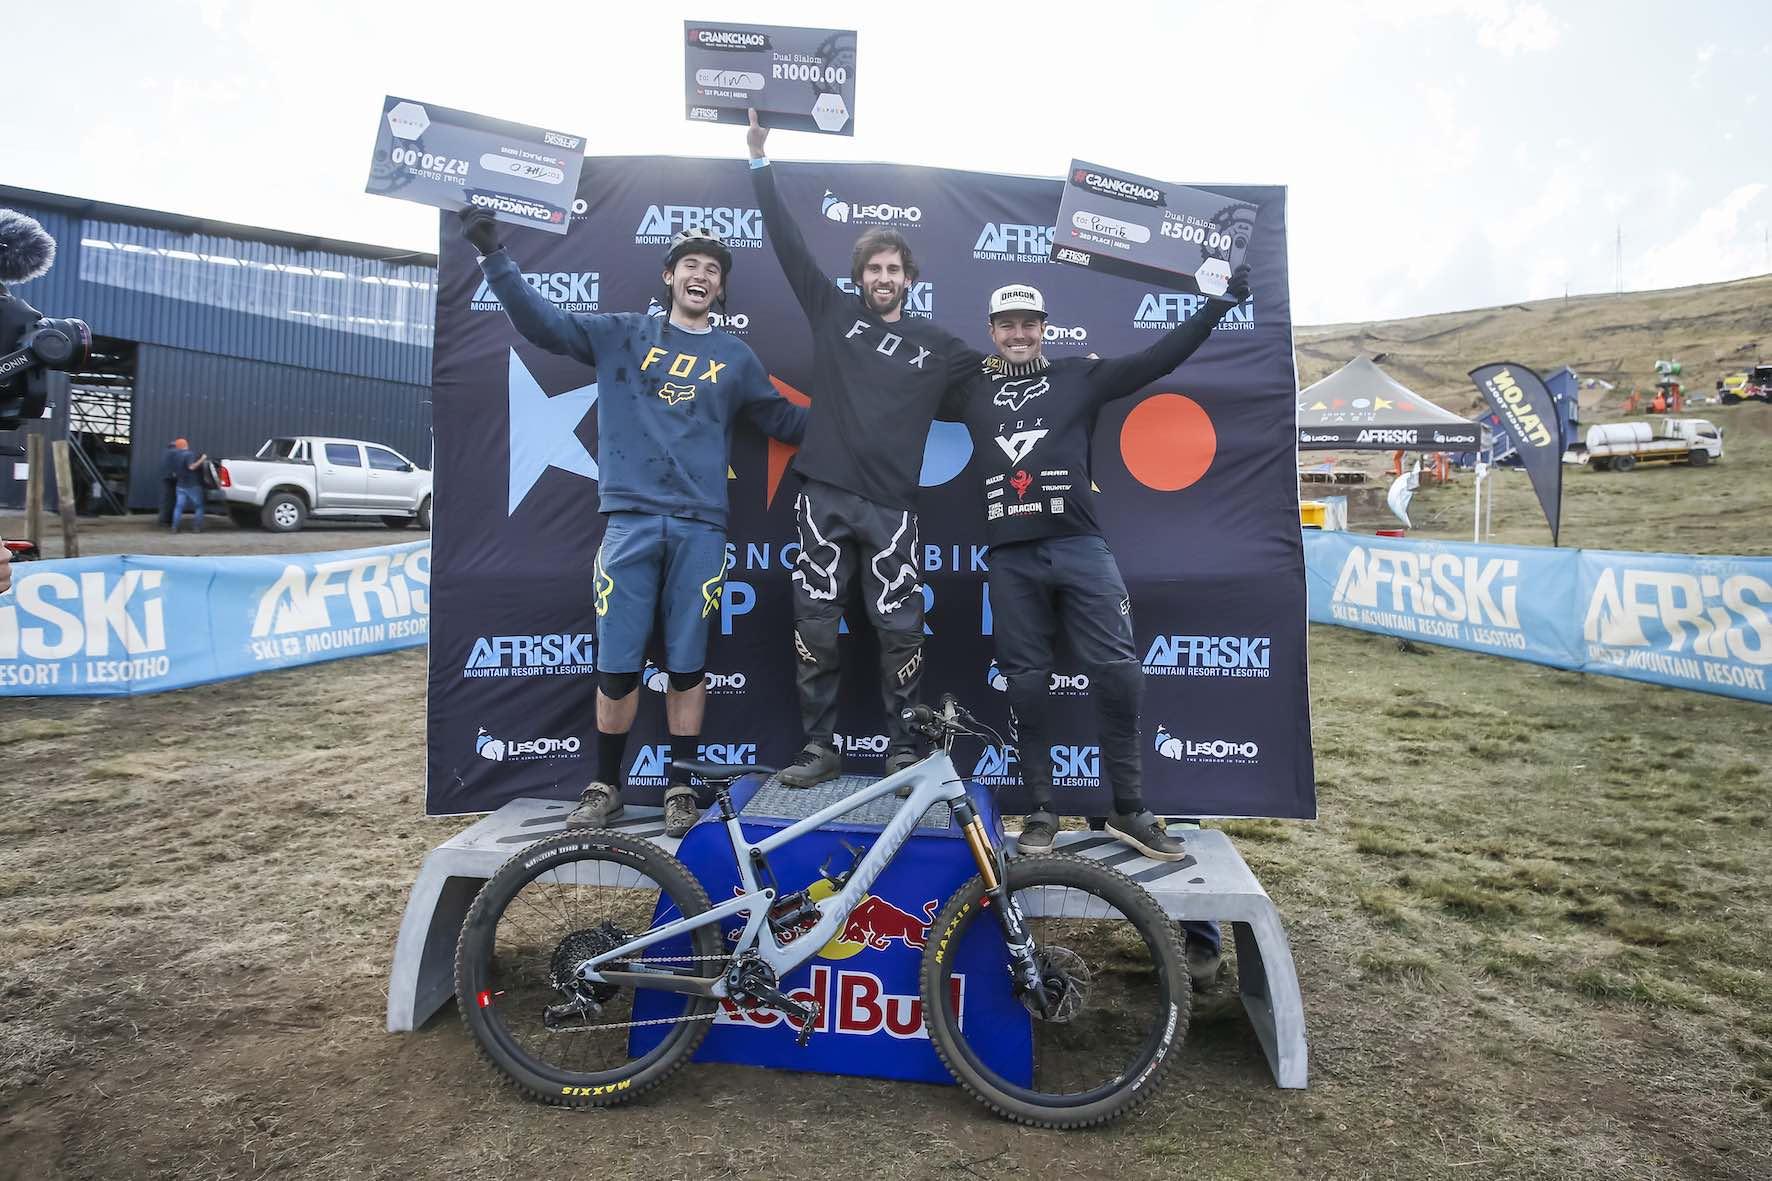 2019 CrankChaos Mens dual slalom podium